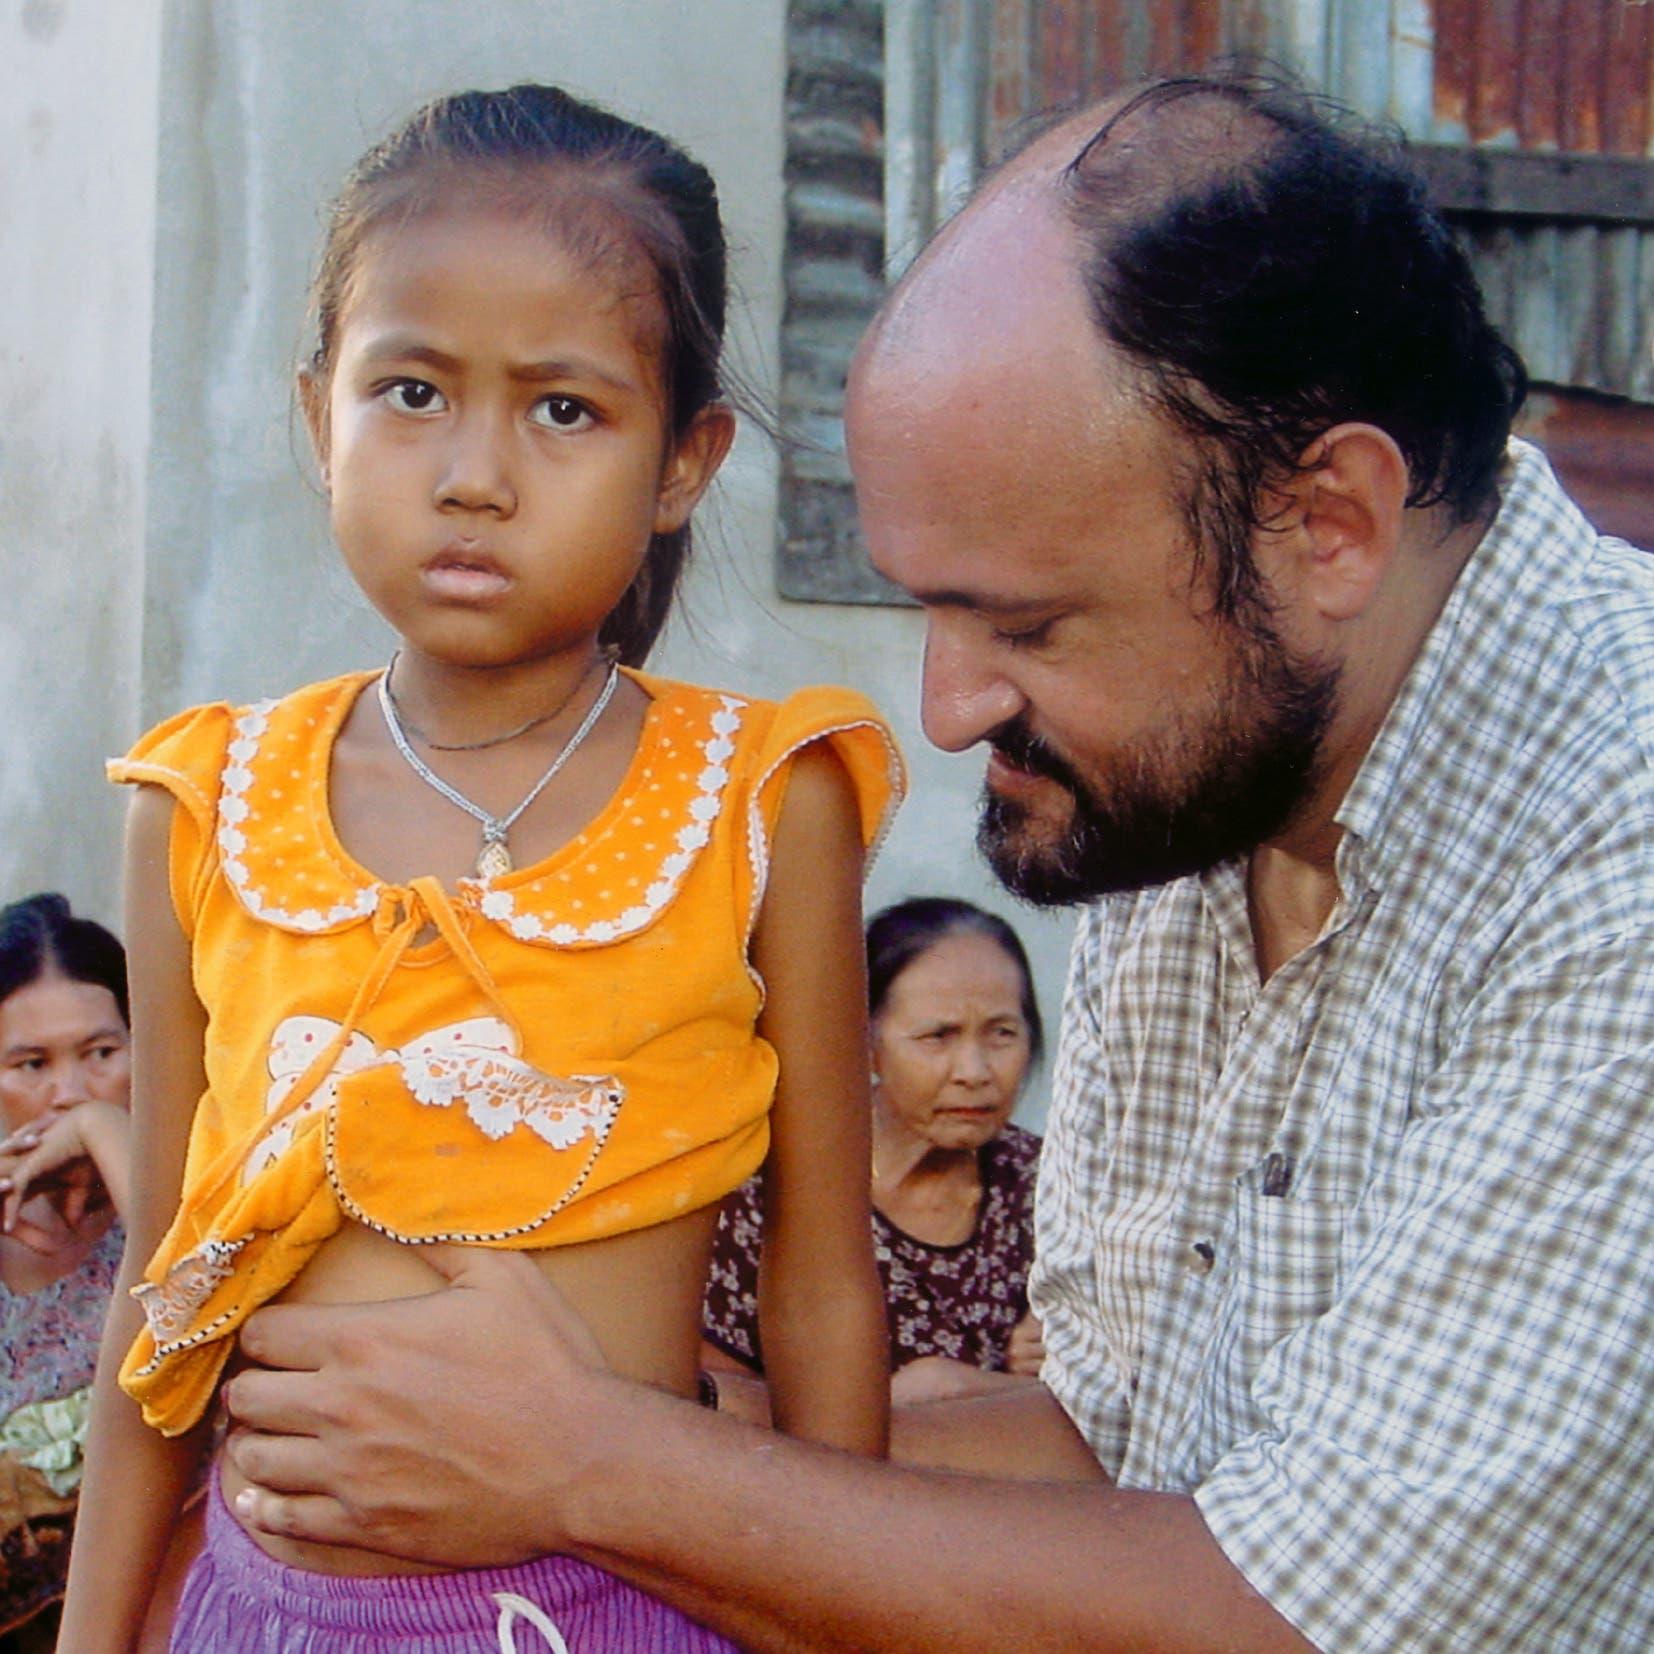 أورباني مع أحد الأطفال بدول شرق آسيا